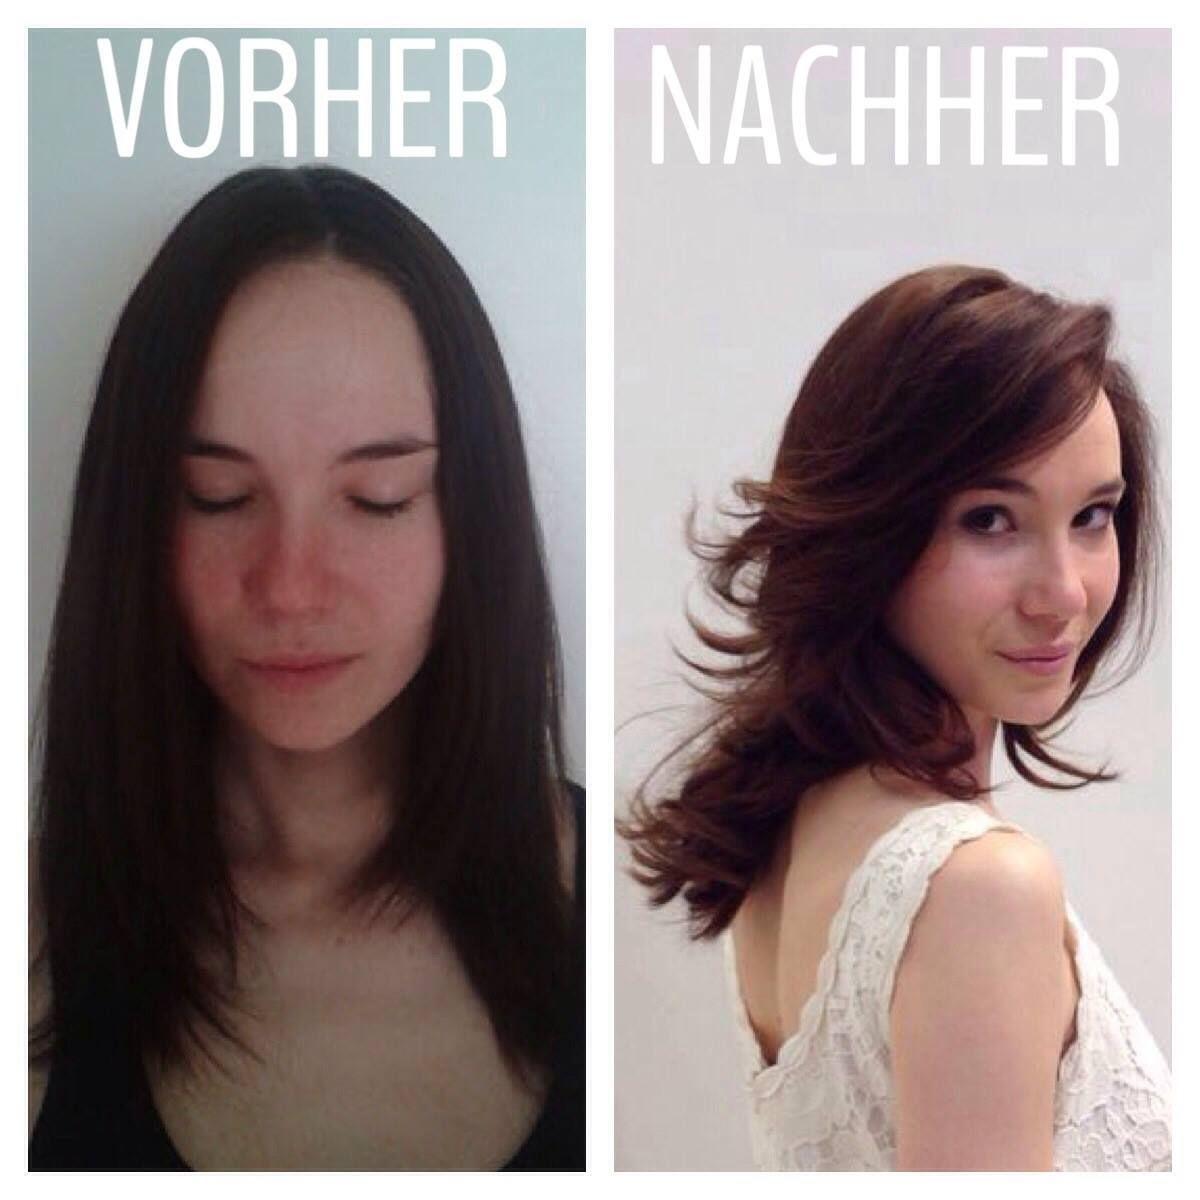 Frisuren Die Junger Machen Ab 40 Vorher Nachher In 2020 Kurzhaarfrisuren Frisuren Haarschnitte Frisuren